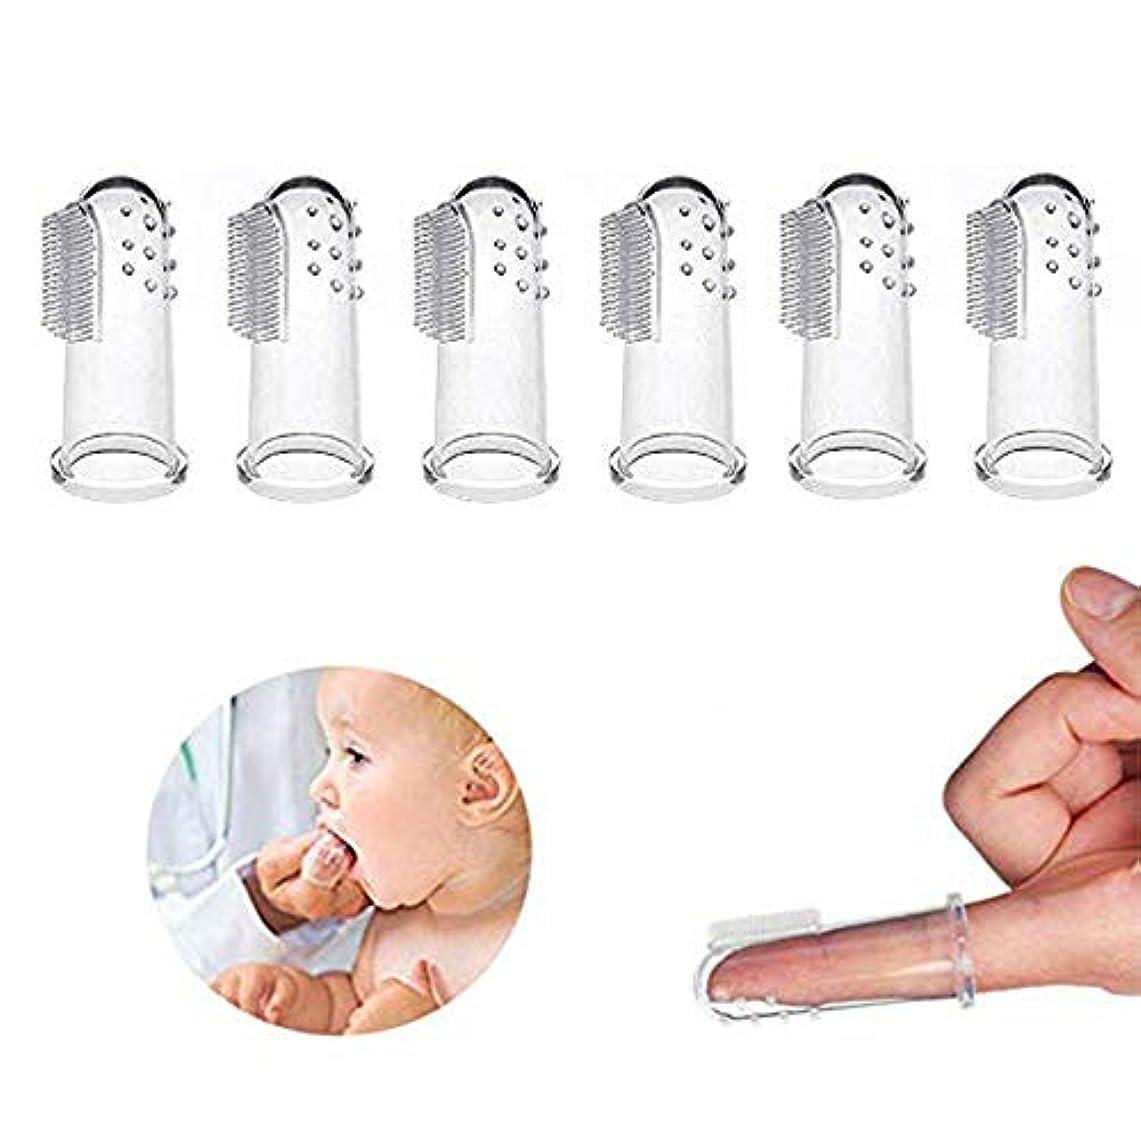 抑制迅速割り当てる幼児歯ブラシ ベビー指歯ブラシ 指歯ブラシ 乳歯清潔 口腔ケア ケース付き ベビーフィンガーブラ 乳児幼児子供用シリコーンソフトオーラルマッサージャージェントルケア 6本セット (ホワイト)